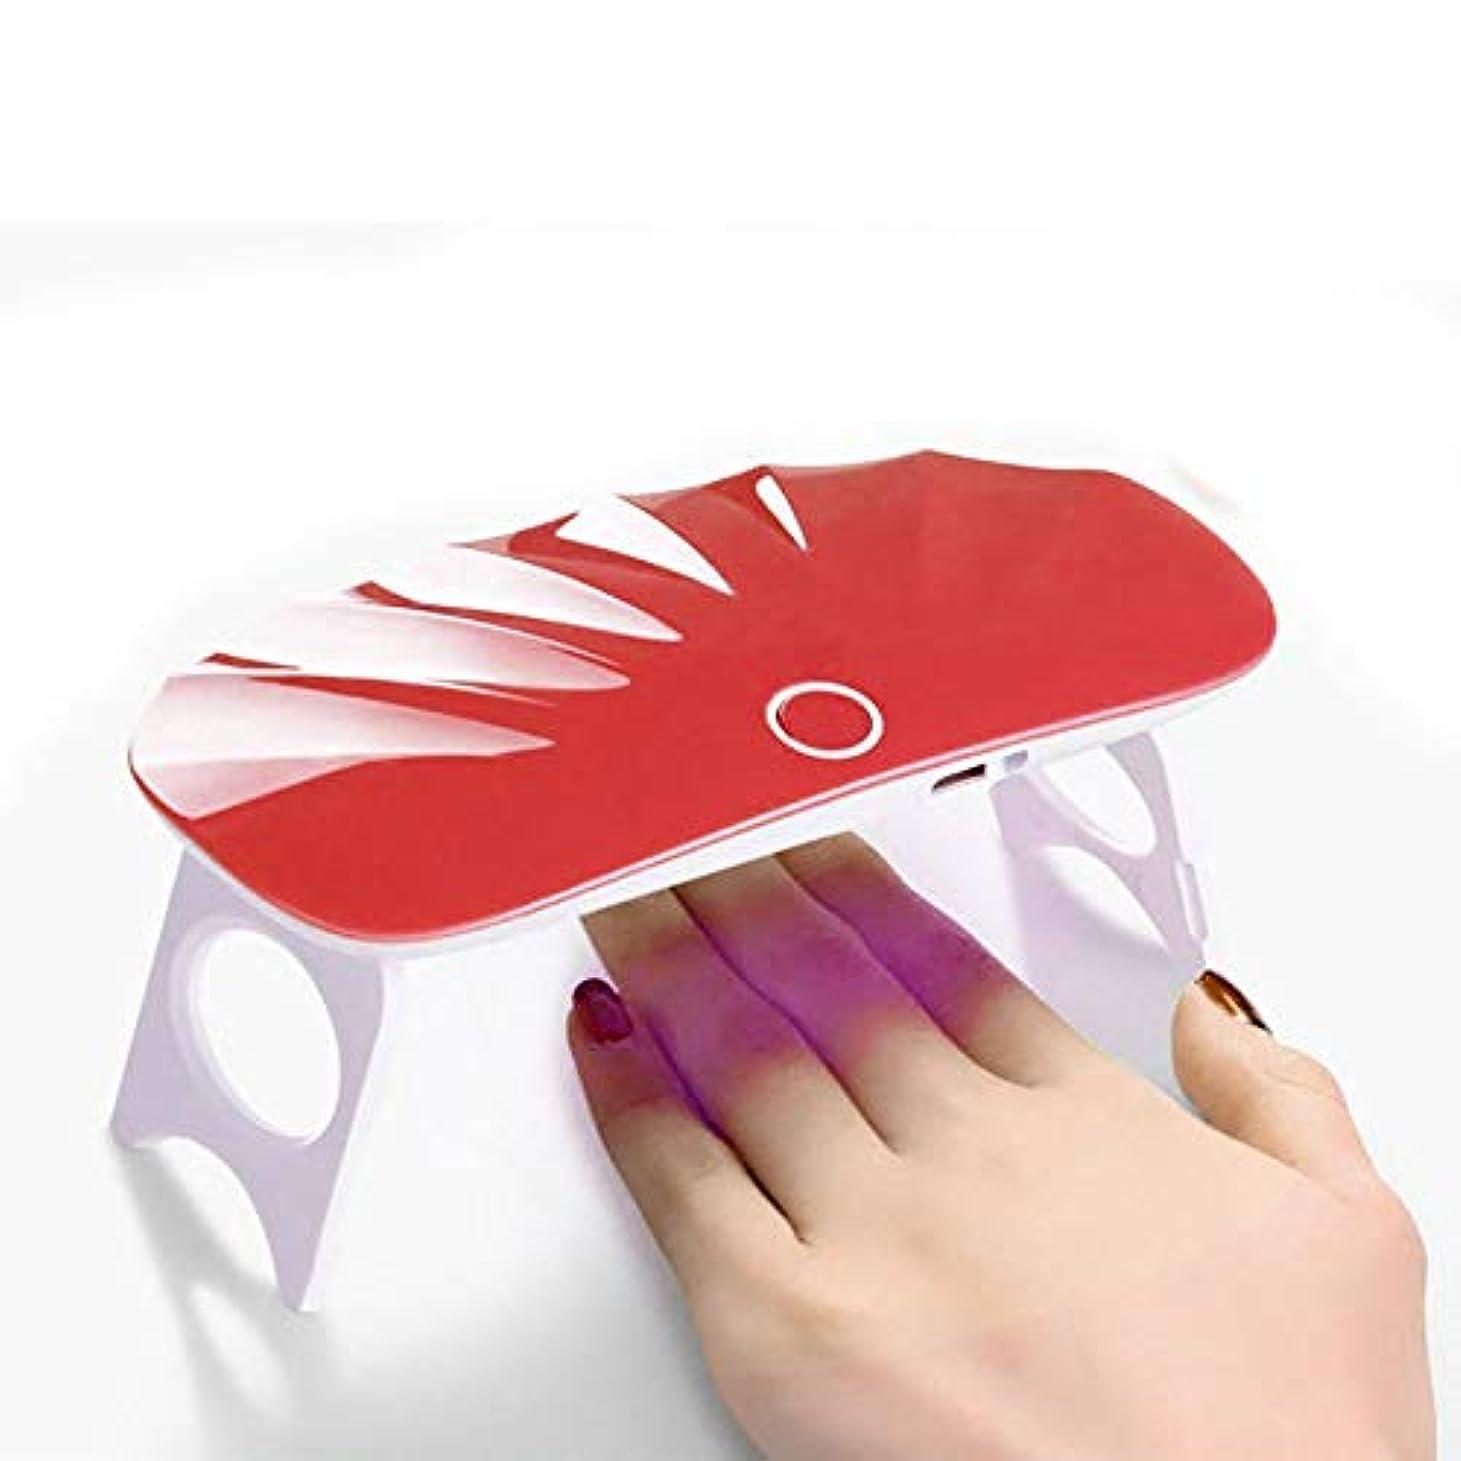 喜ぶがんばり続ける誠実Jilebao ネイルライト 6W ハイパワー USBライン付き ミニ 可愛い ジェルネイル レジンクラフト コンパクト LEDライト UVライト ネイルドライヤー 自動検知モード 折りたたみ式 手足とも使える (レッド)